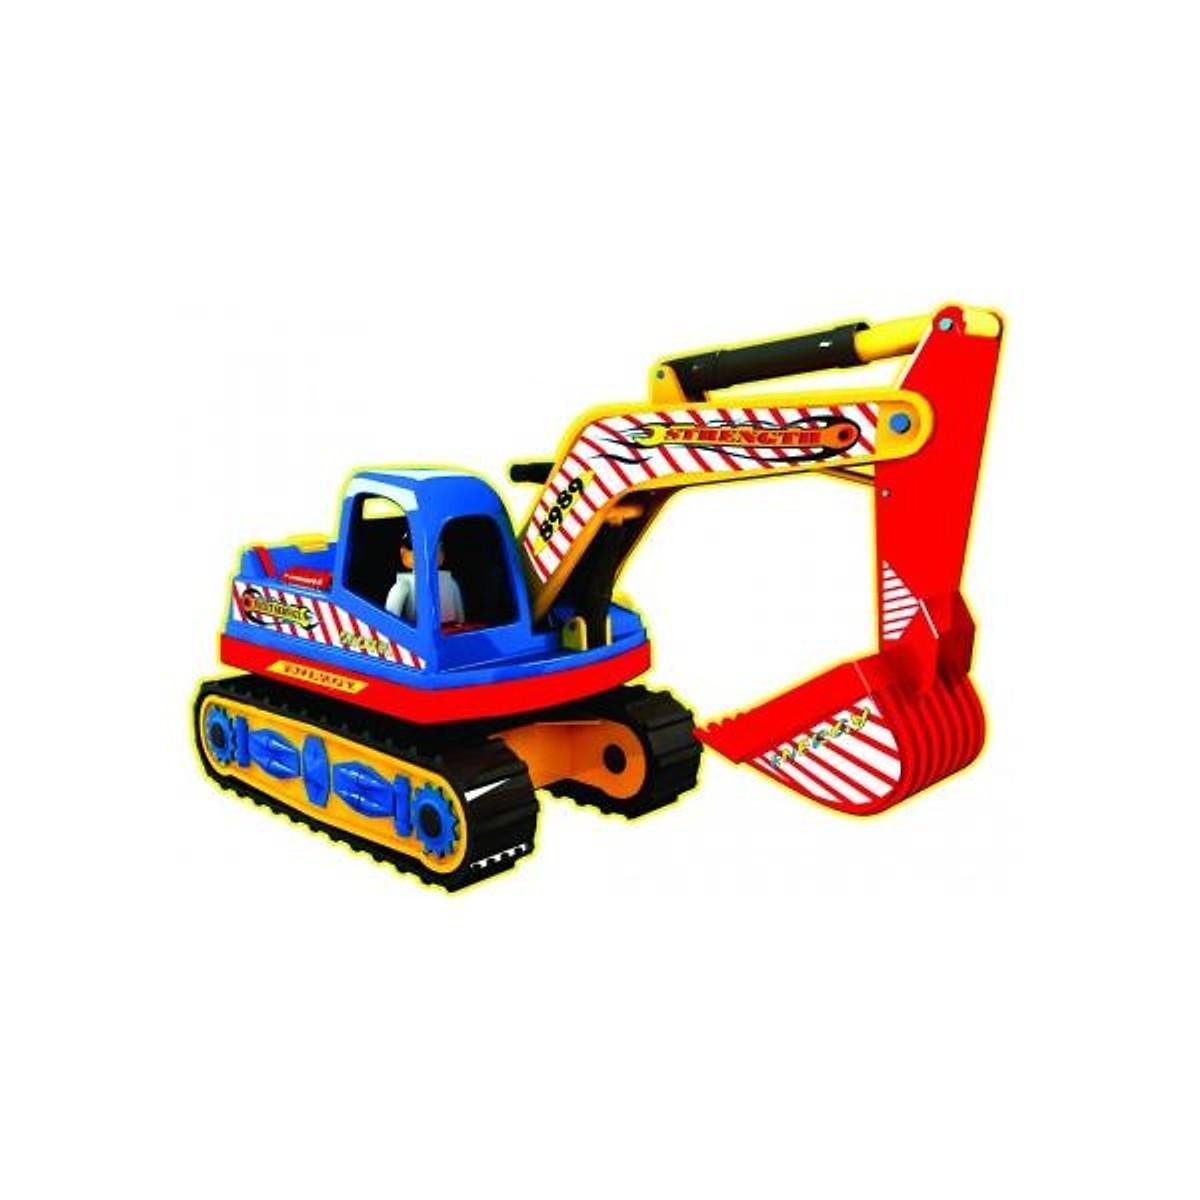 Bộ đồ chơi xếp hình máy Xúc281 Nhựa Chợ Lớn 12941026 - giảm 15 ...